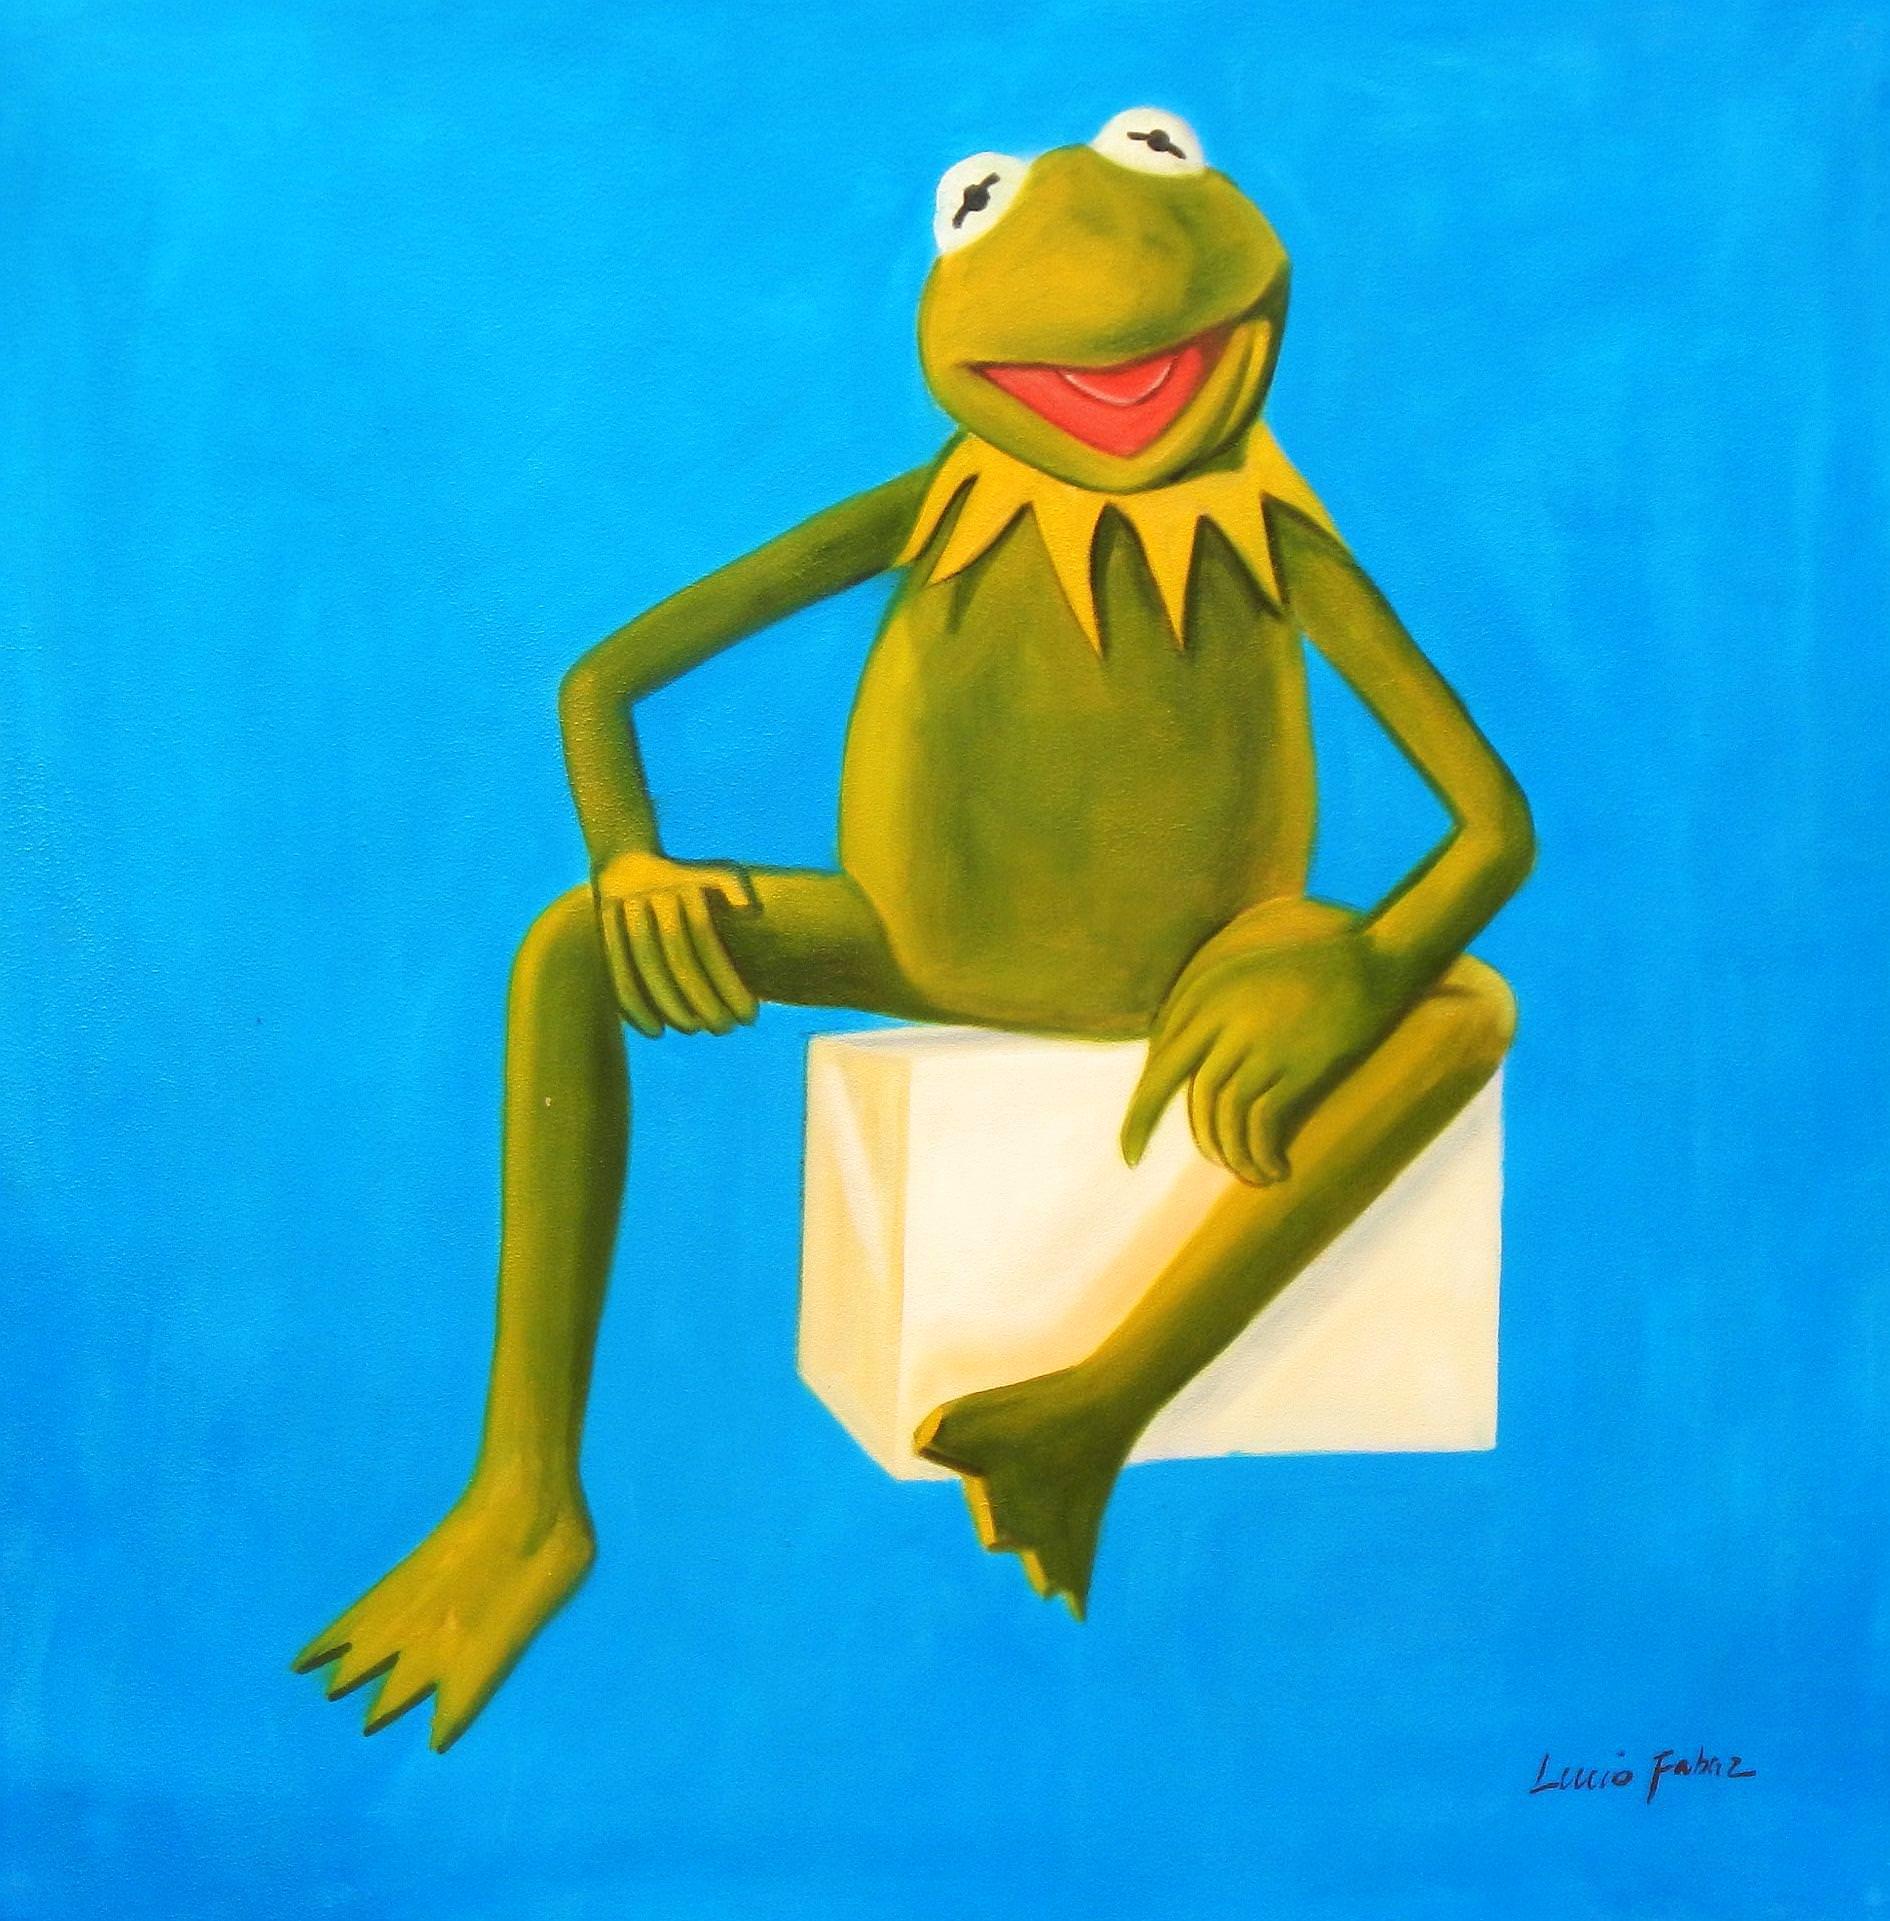 Pop Art - Muppets Kermit auf Blau g93478 80x80cm spektakuläres Ölbild handgemalt